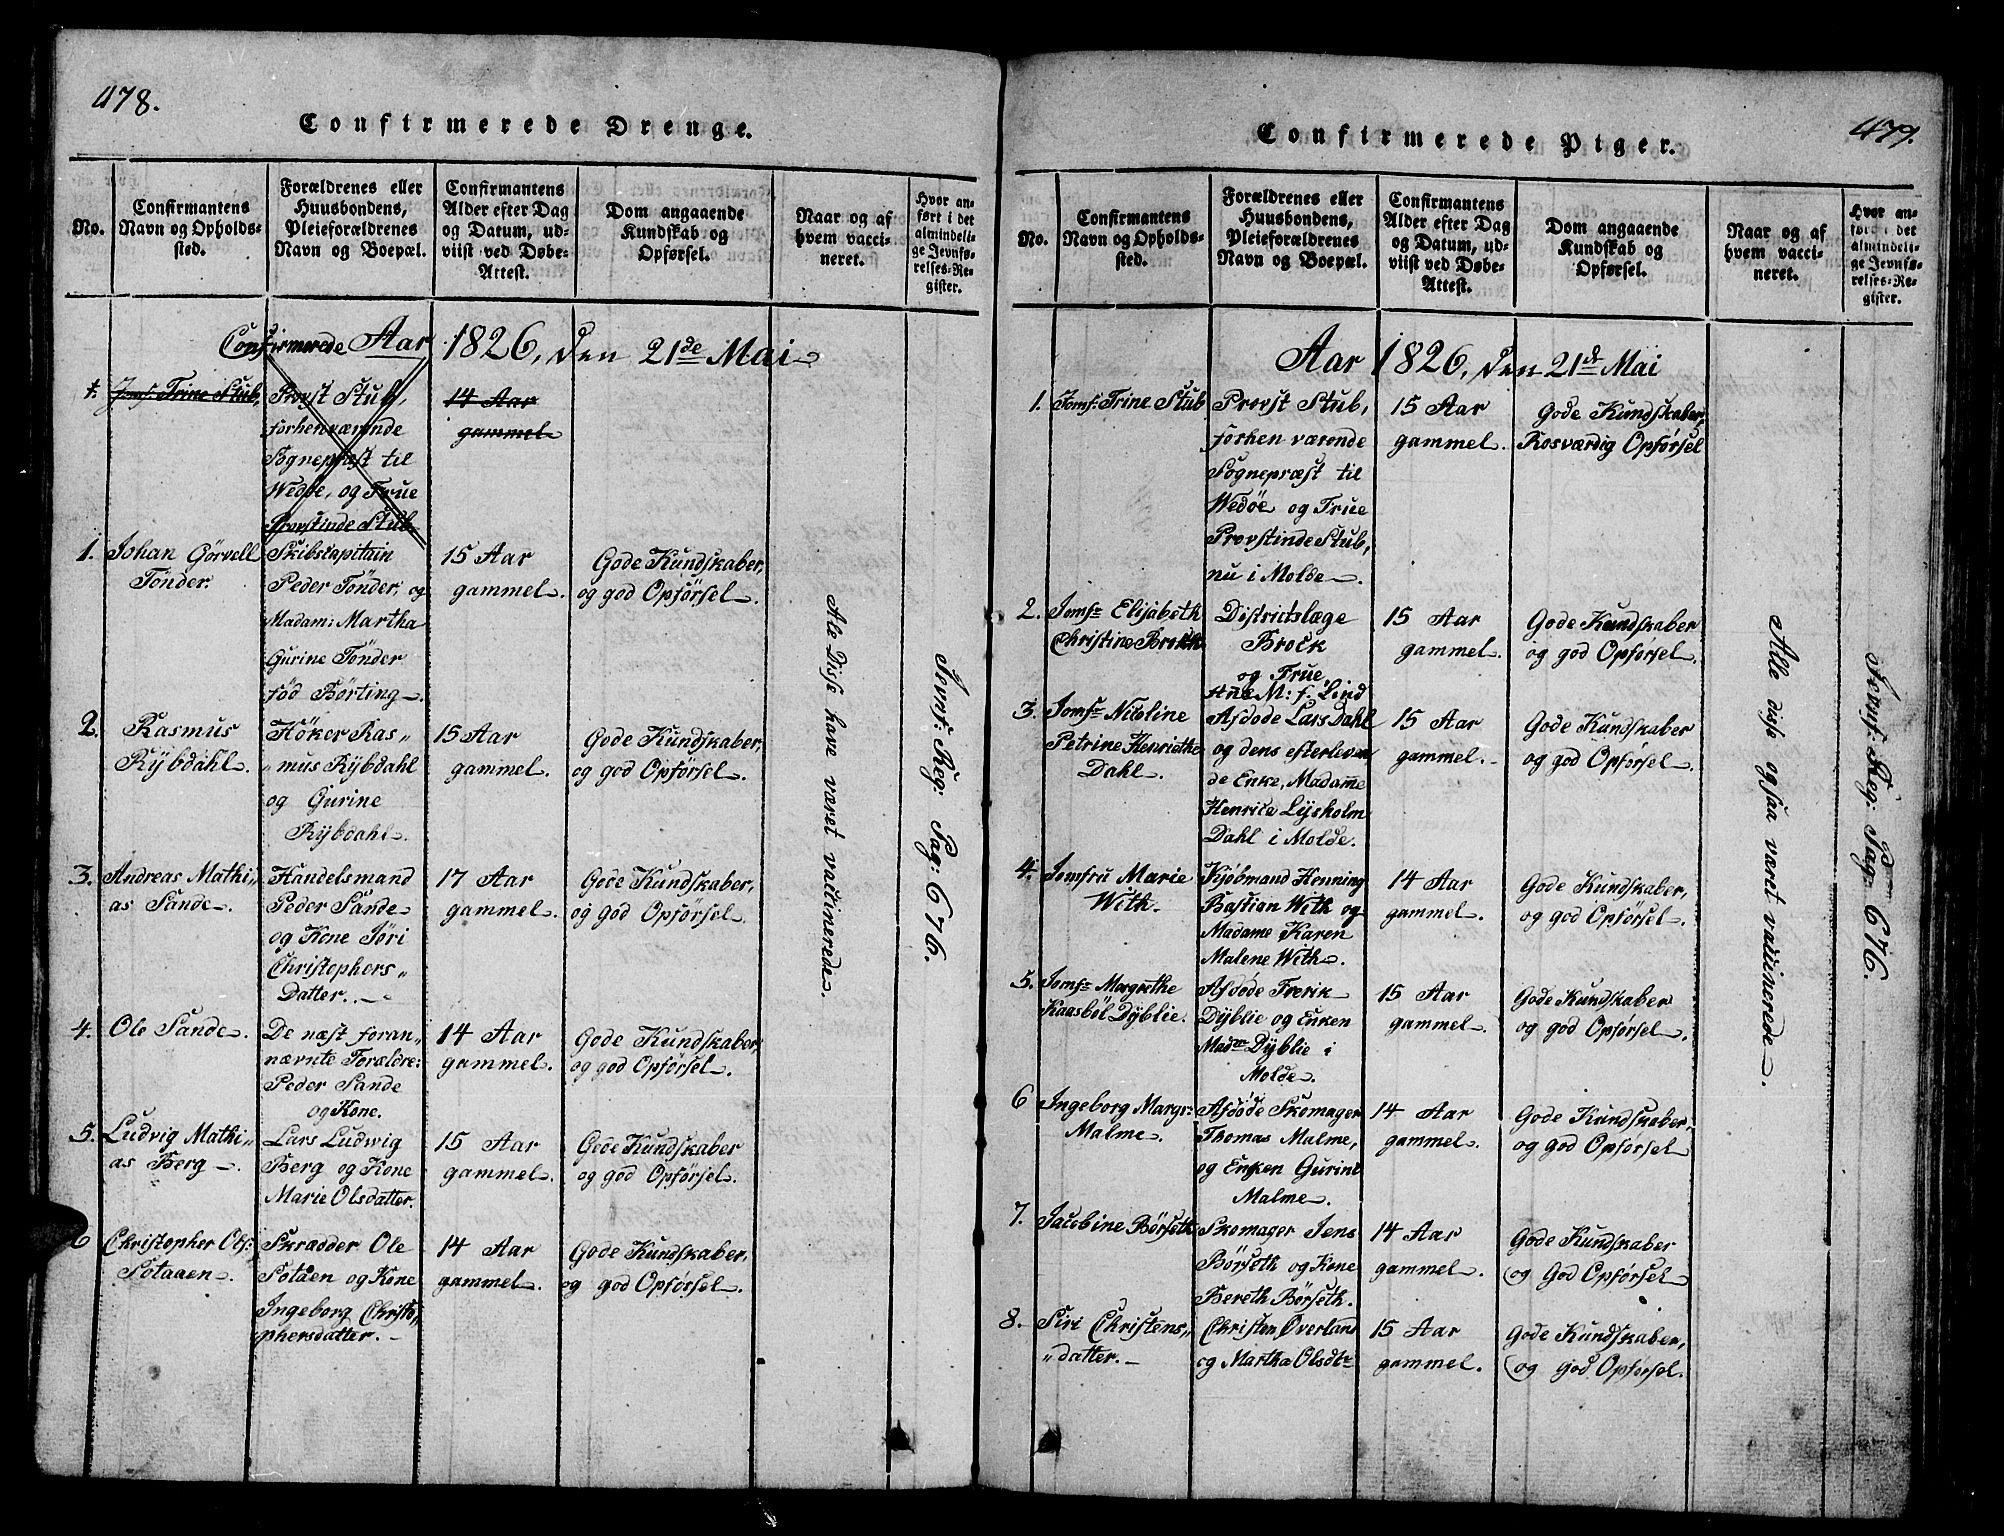 SAT, Ministerialprotokoller, klokkerbøker og fødselsregistre - Møre og Romsdal, 558/L0700: Klokkerbok nr. 558C01, 1818-1868, s. 478-479